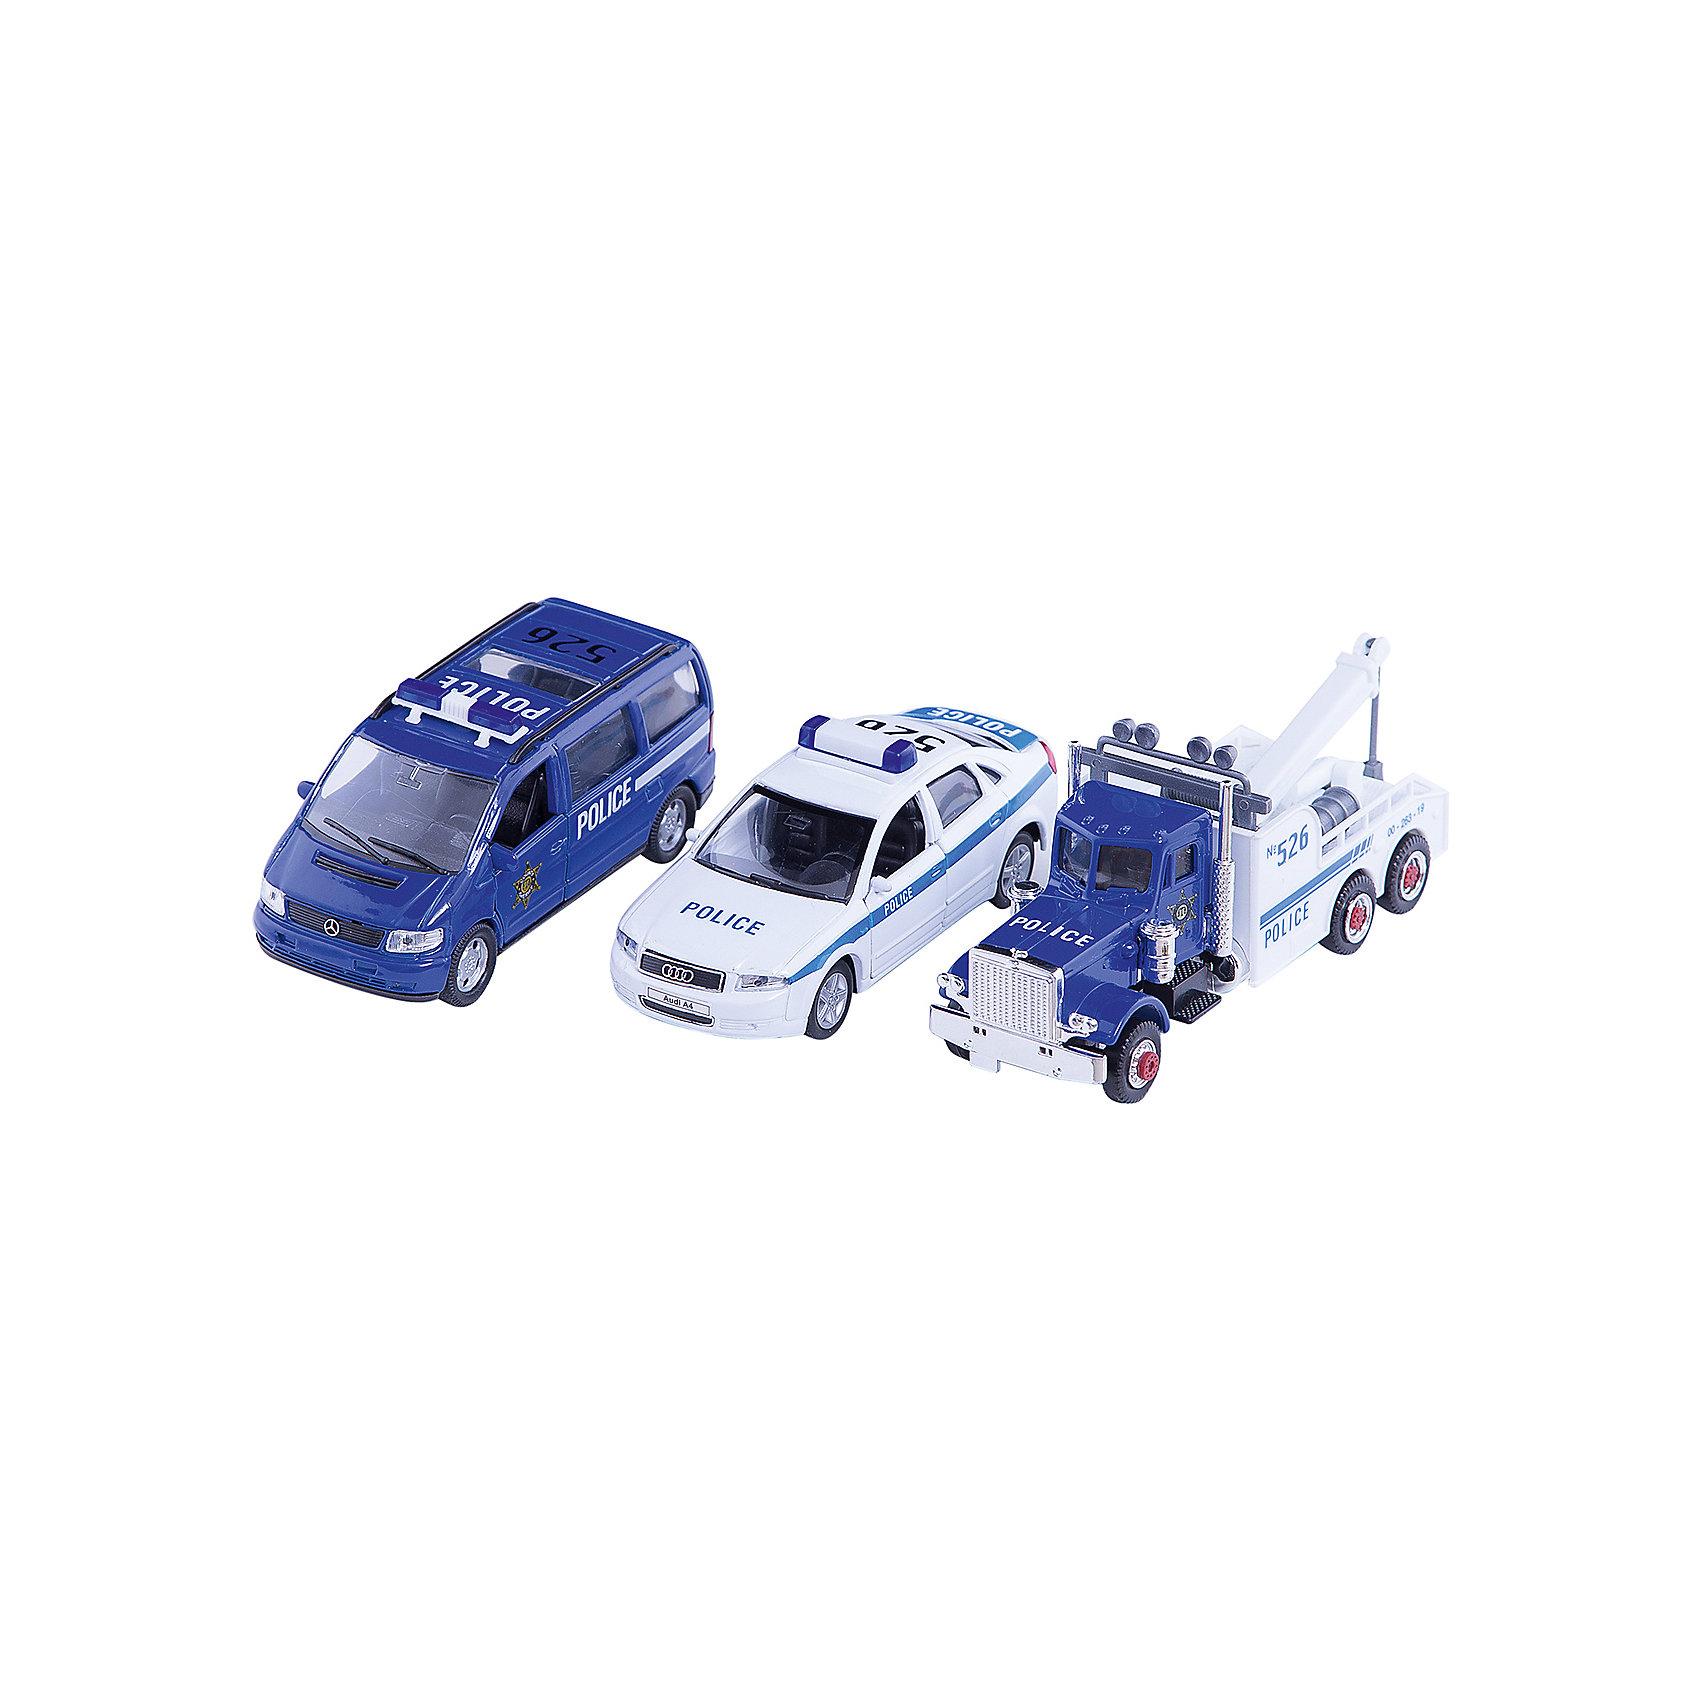 Welly Набор машин Полиция 3 штукиИгровые наборы<br>Welly Набор машин Полиция 3 штуки<br><br>Характеристики:<br><br>• Возраст: от 4 лет<br>• В комплекте: полицейская машина, легковой служебный автомобиль и буксировщик<br>• Материал: металл, пластик<br>• Цвет: белый, синий<br><br>Игровой набор включает в себя уменьшенную копию полицейской машины, а также легковой служебный автомобиль и буксировщик. Кроме этого в комплекте идут все необходимые аварийные знаки, столбики и указатели. Все это поможет ребенку создать целый спектакль. Все игрушки сделаны из качественного материала, который не только безопасен для ребенка, но еще и очень крепок. <br><br>Welly Набор машин Полиция 3 штуки можно купить в нашем интернет-магазине.<br><br>Ширина мм: 155<br>Глубина мм: 60<br>Высота мм: 200<br>Вес г: 448<br>Возраст от месяцев: 84<br>Возраст до месяцев: 1188<br>Пол: Мужской<br>Возраст: Детский<br>SKU: 2150025